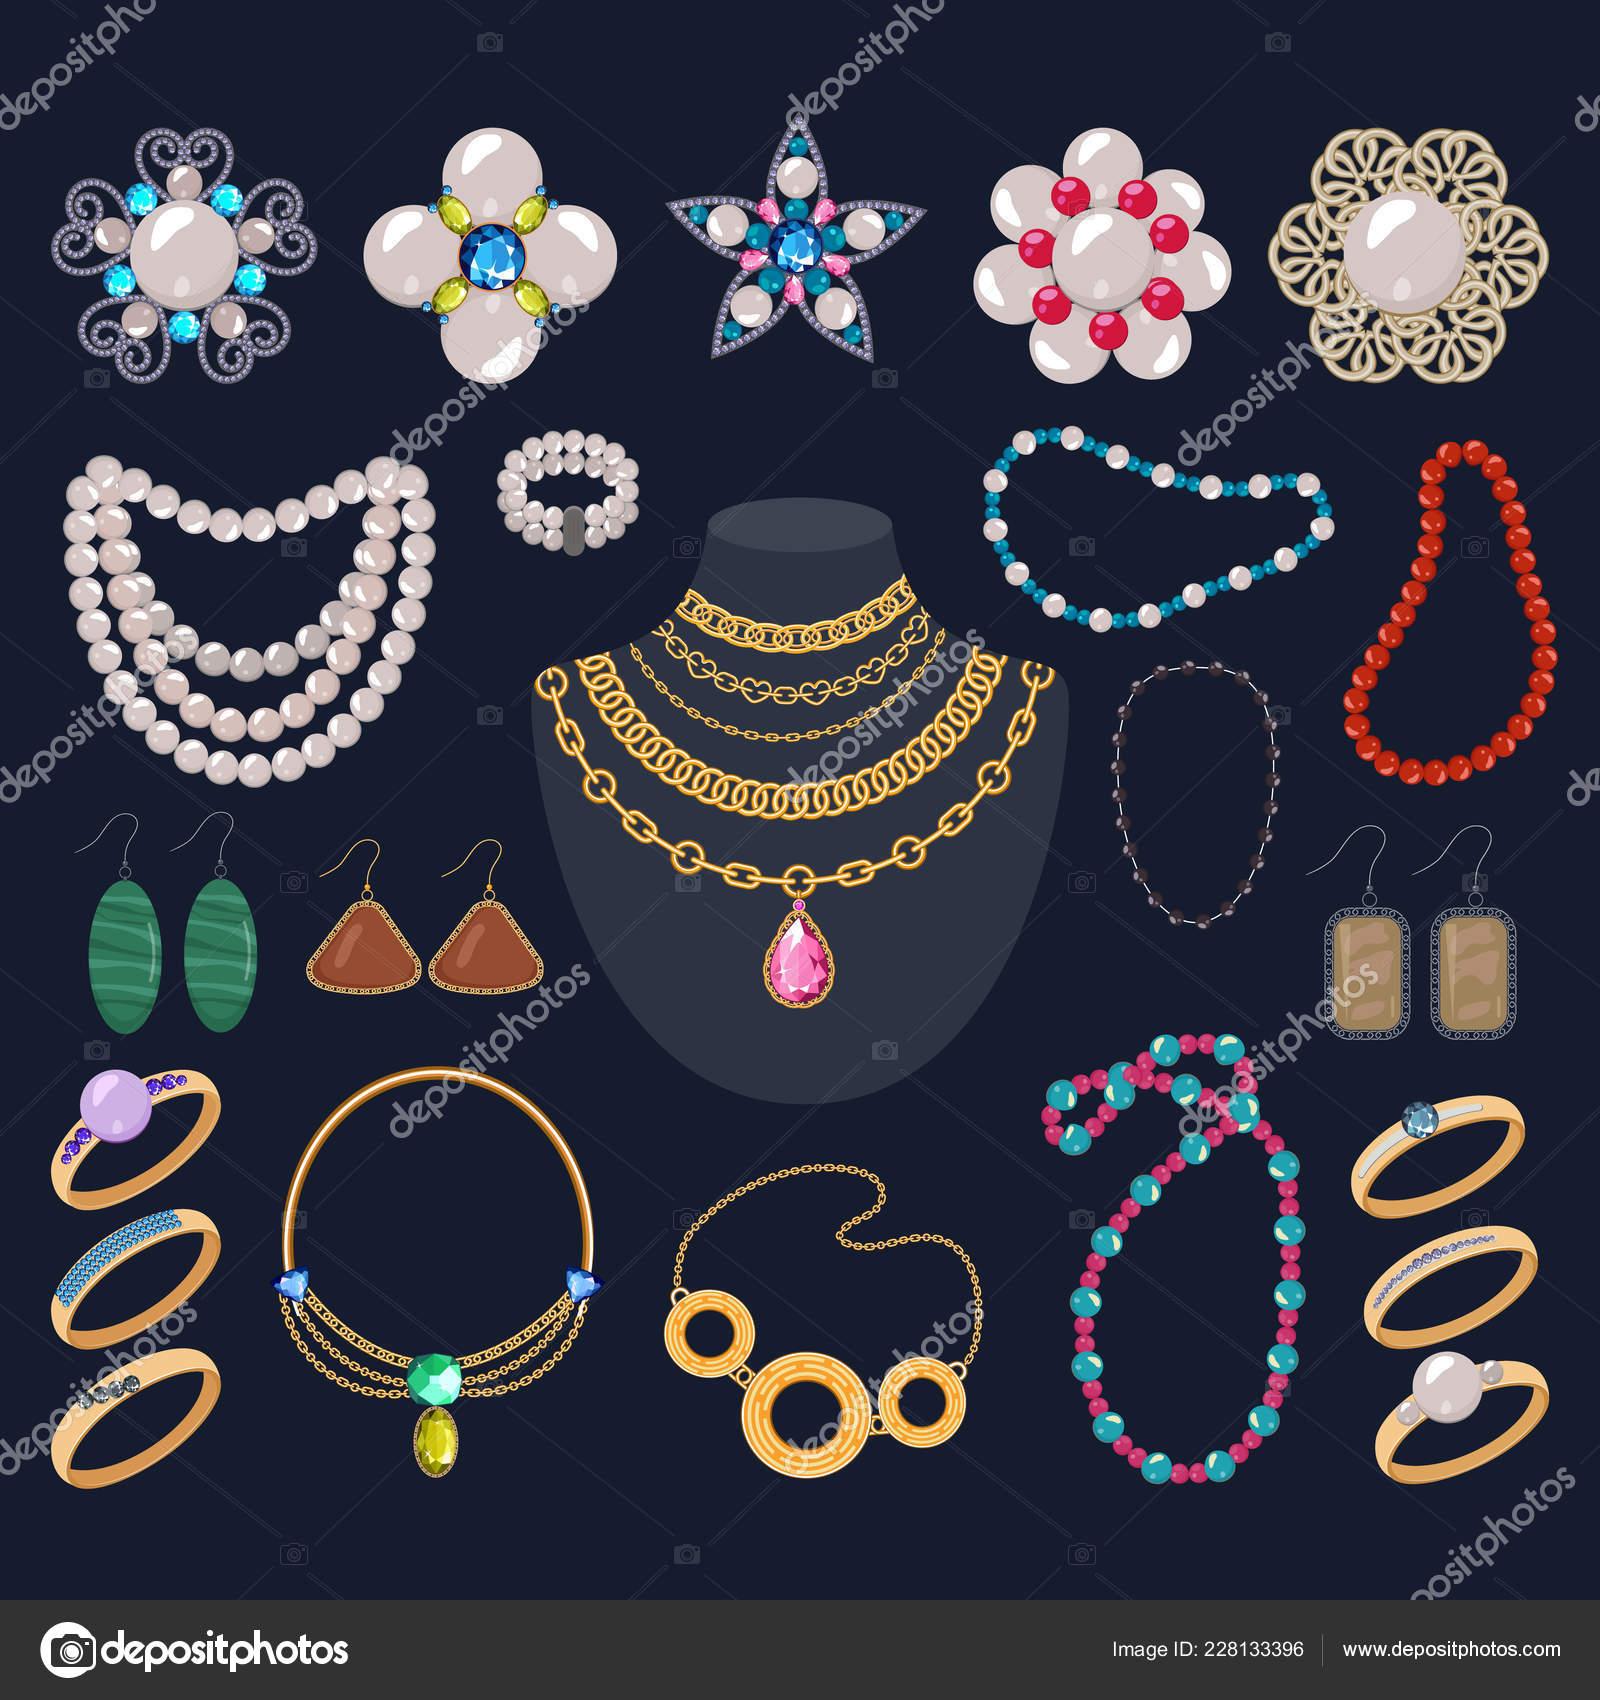 62e903a67a9c Joyas vector joyería oro pulsera collar hermosos aretes y anillos de plata  con diamantes ilustración conjunto de mujer joya perlas accesorios aislados  sobre ...